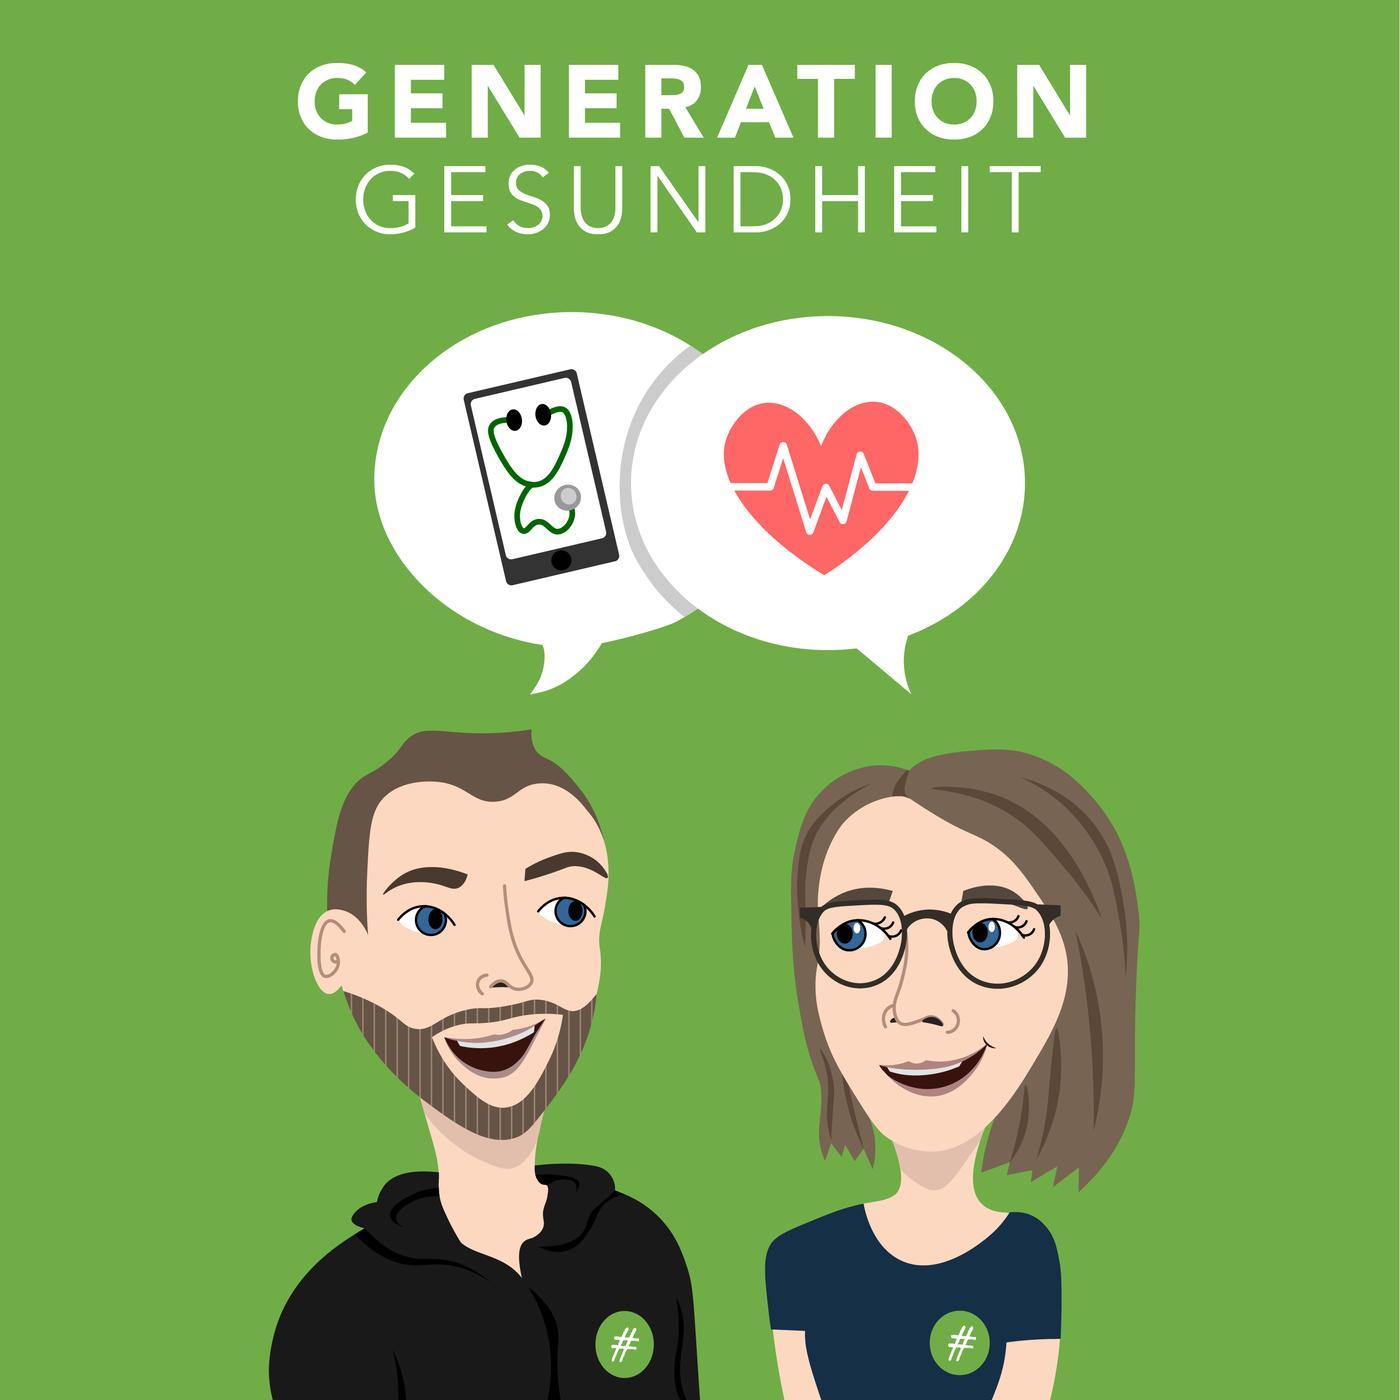 Bildergebnis für generation gesundheit podcast